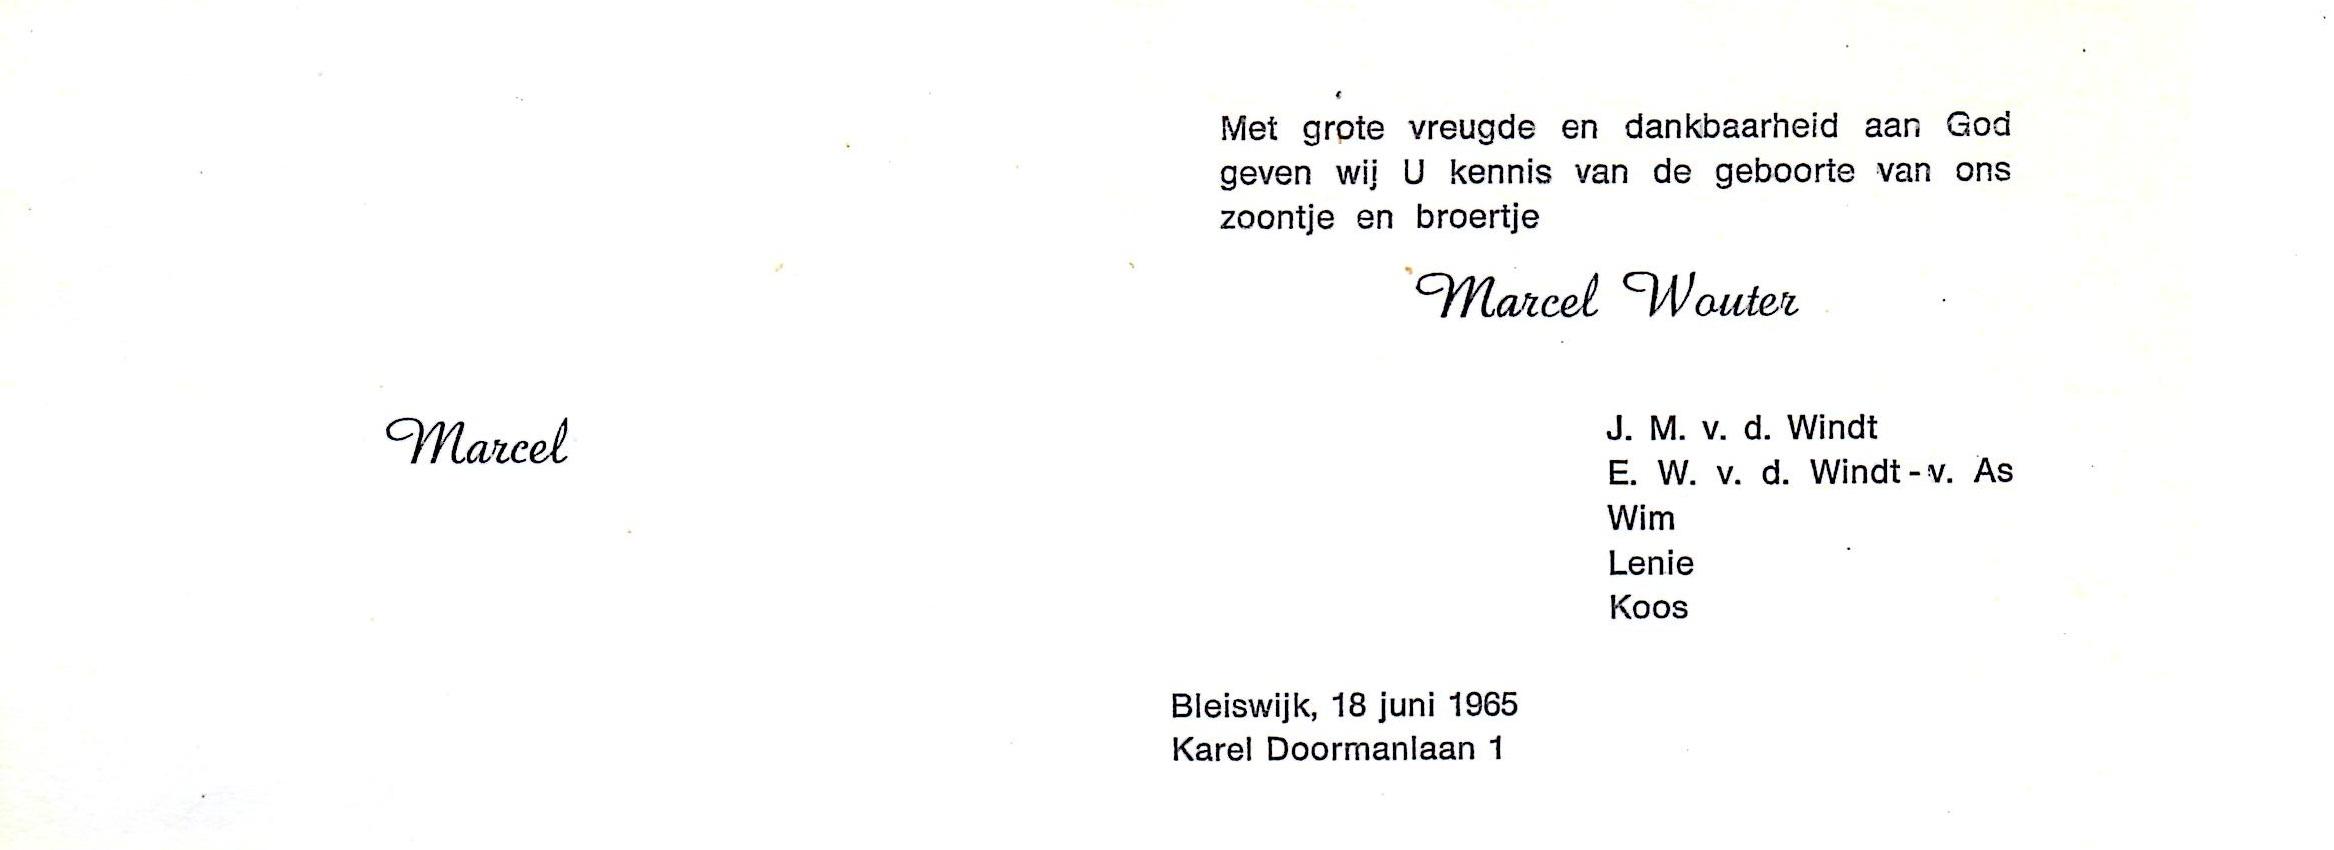 1965-06-18 Geboortekaart Marcel Wouter van der Windt